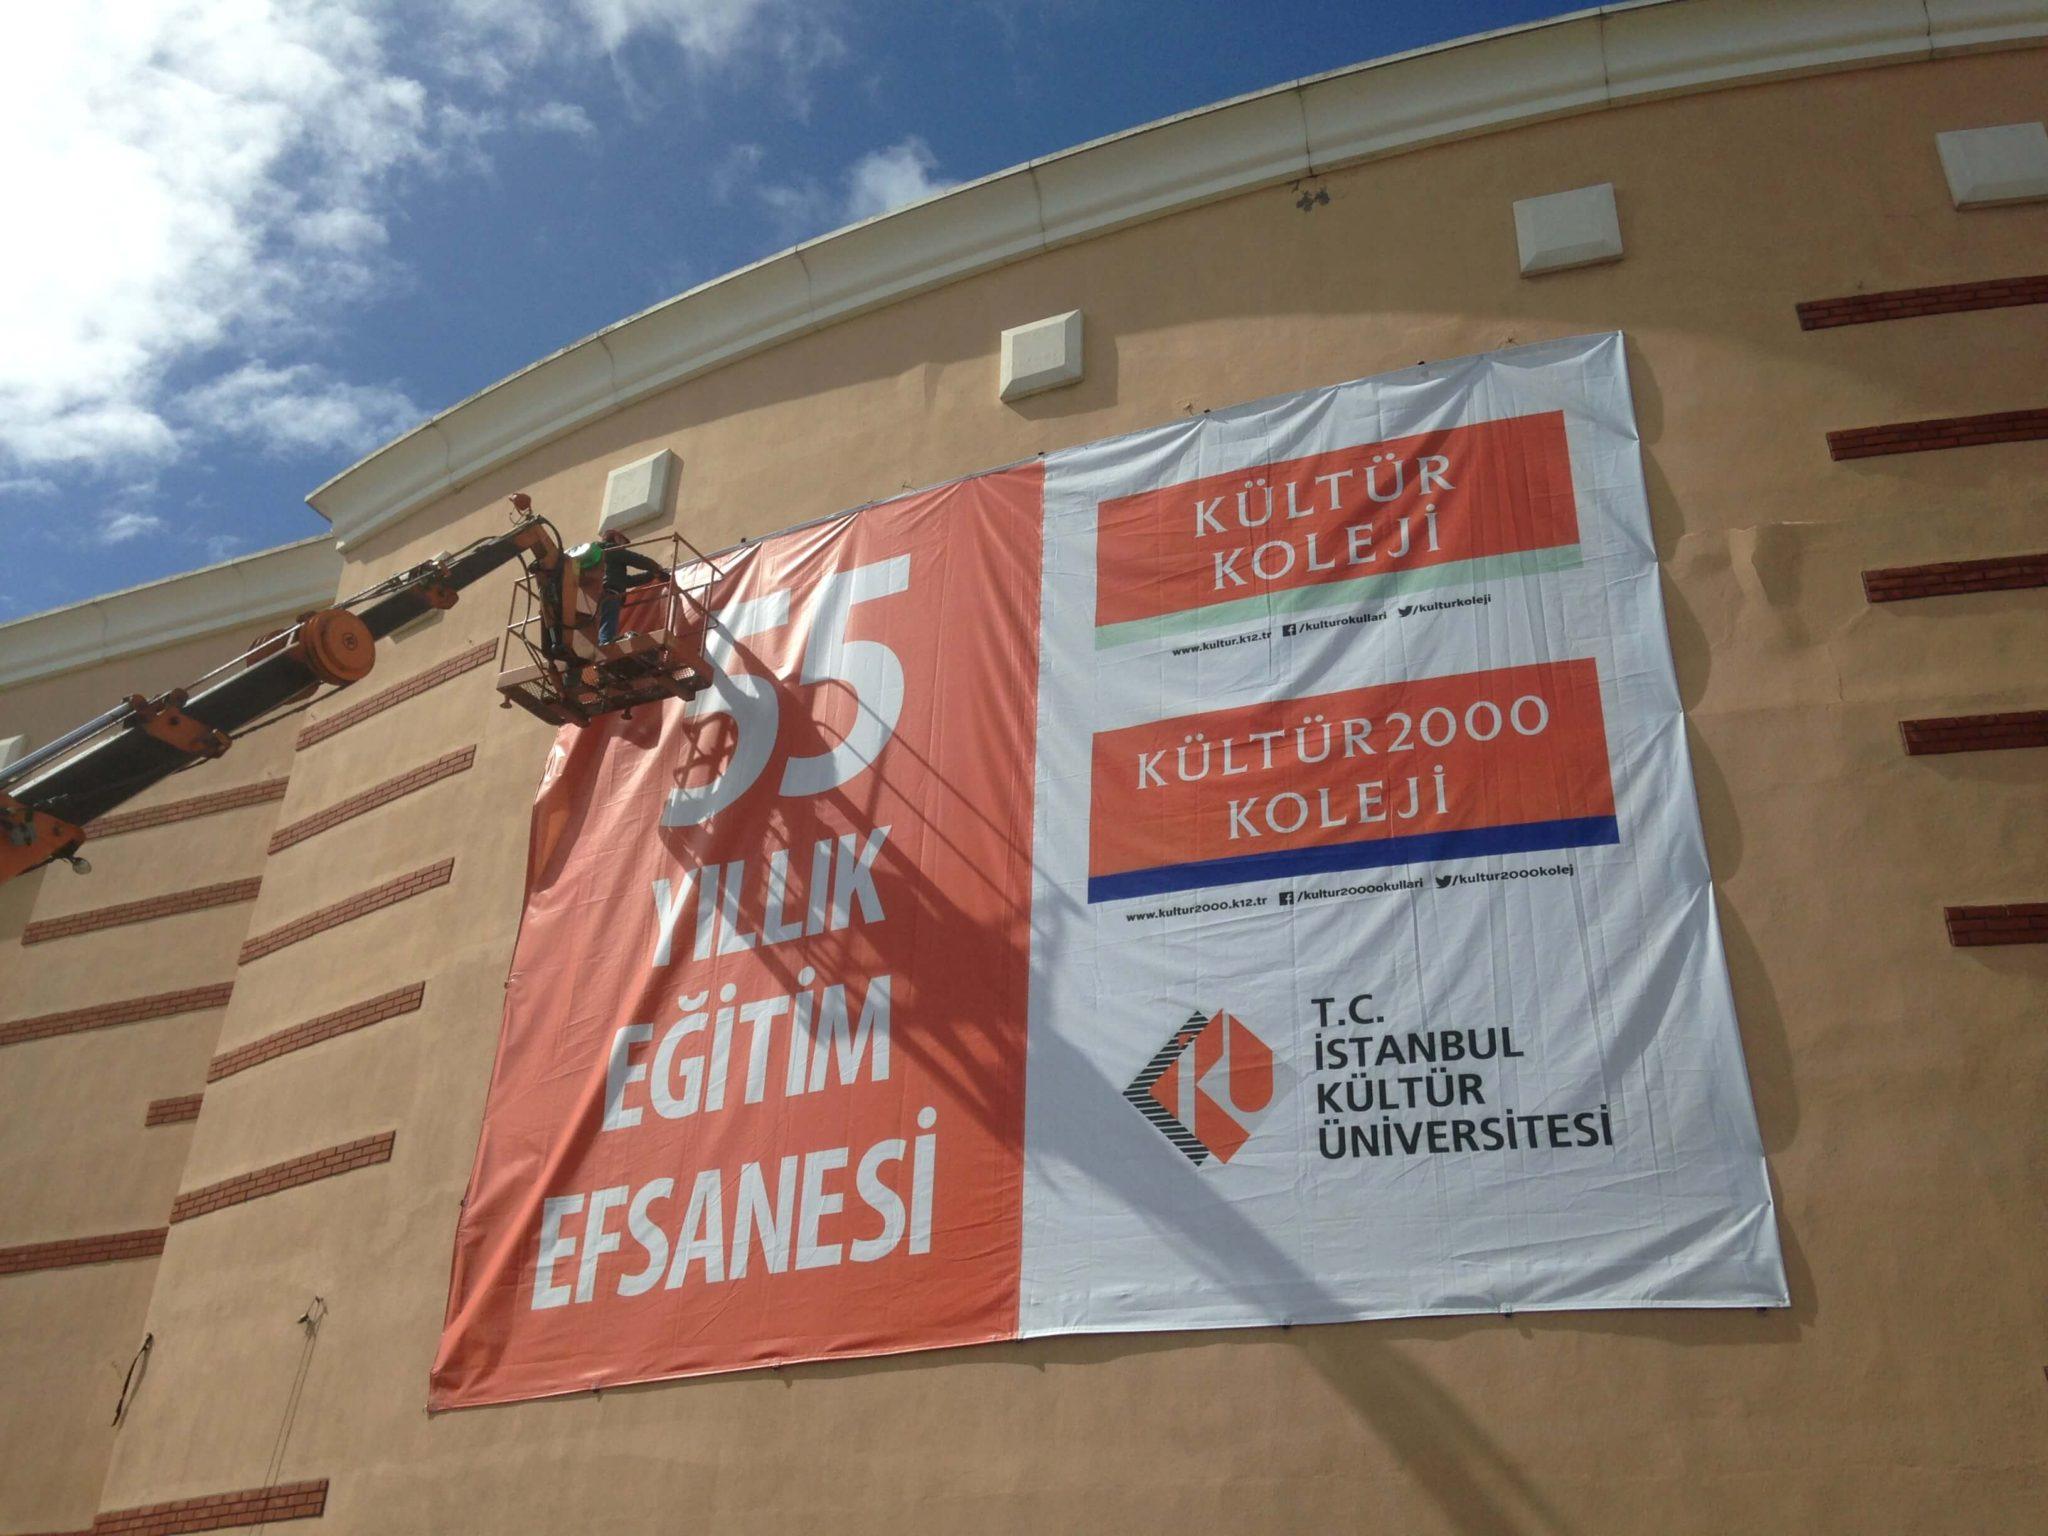 Kültür Üniversitesi Cephe Afiş Baskı